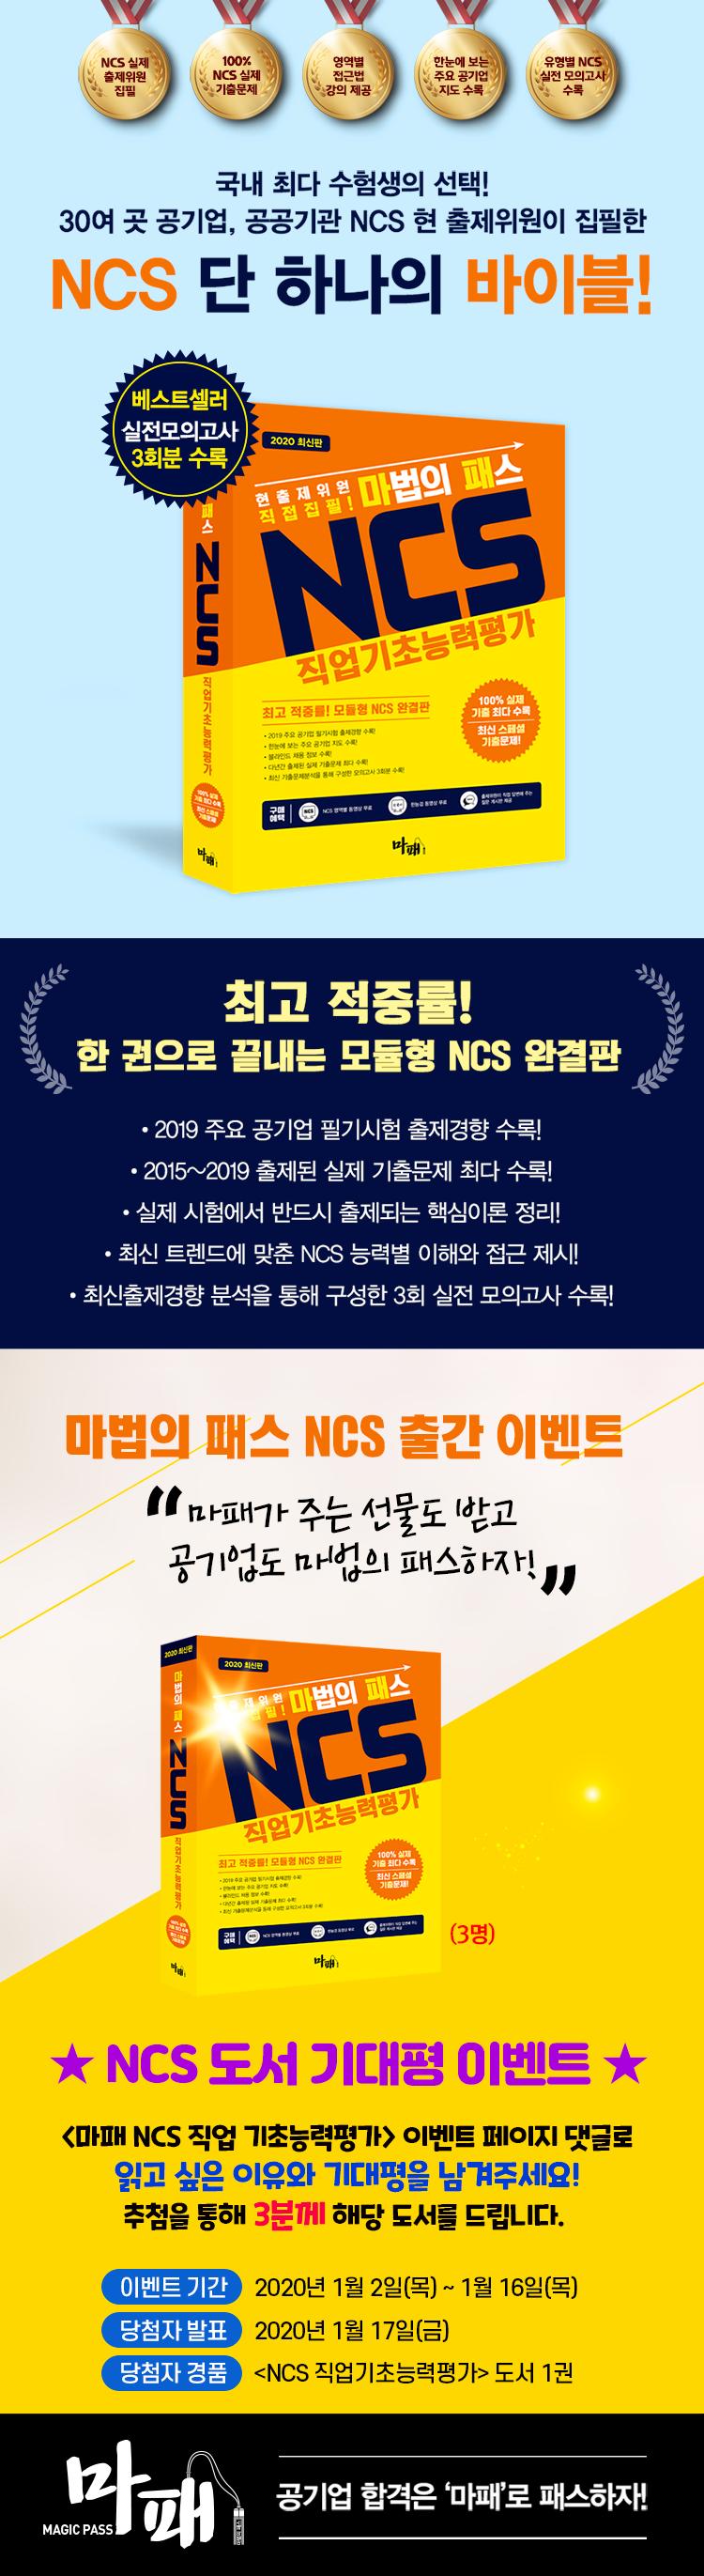 NCS 기대평이벤트페이지2020.png